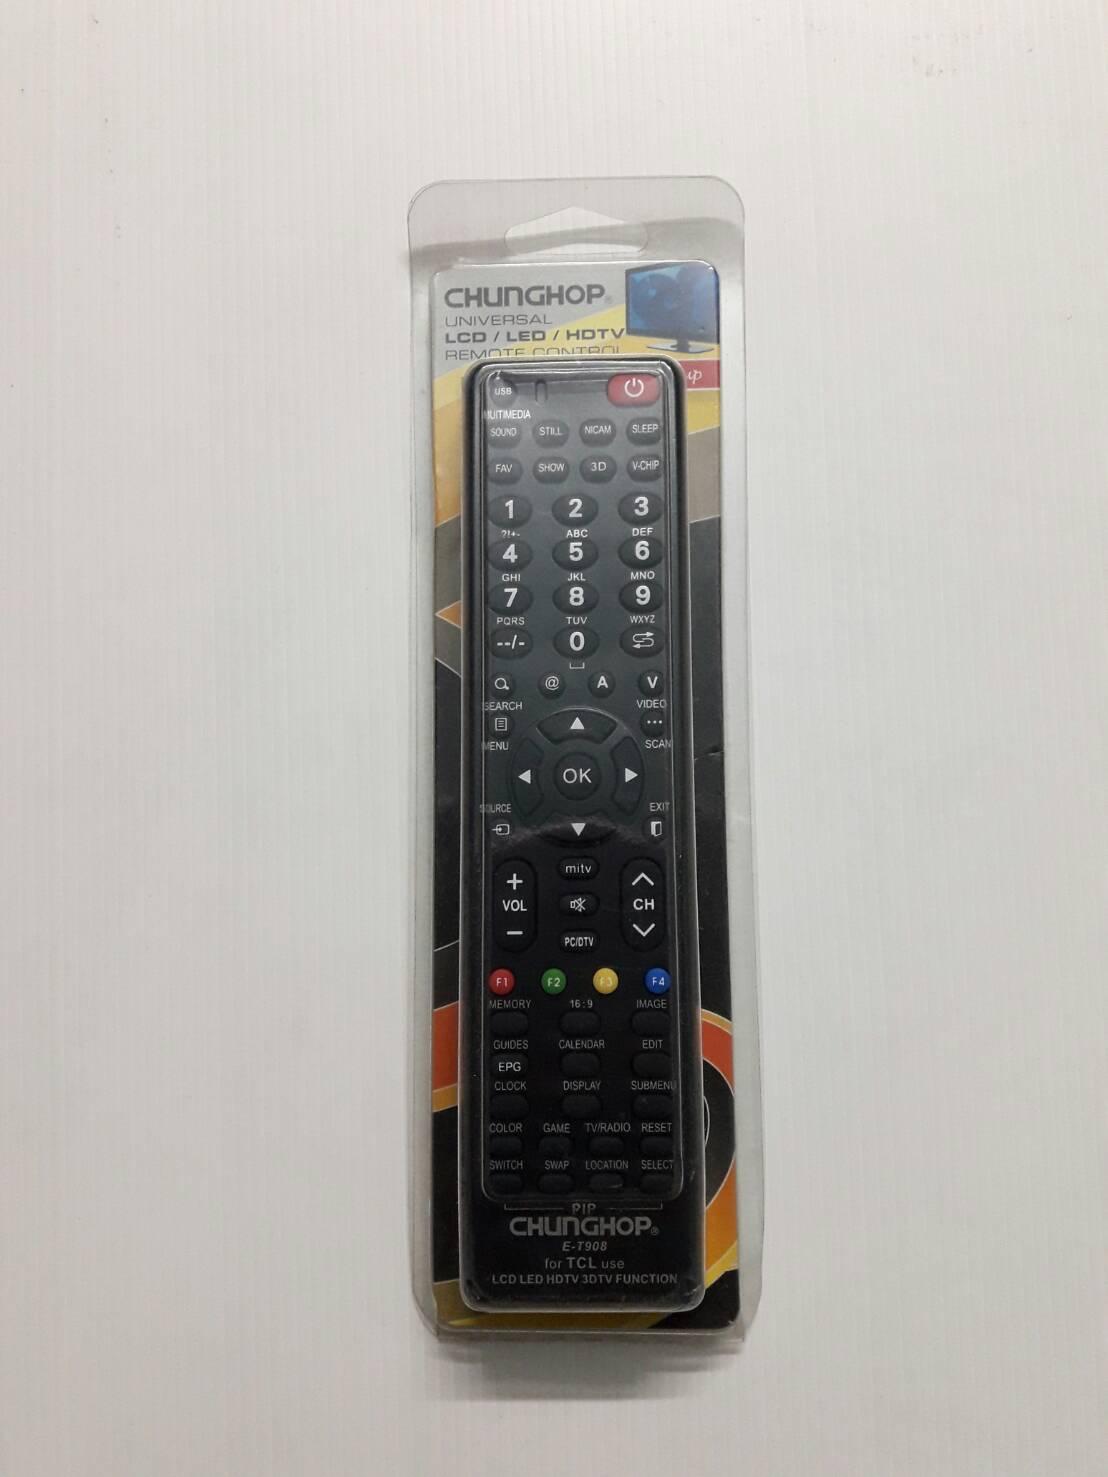 รีโมทรวมแอลซีดีทีซีแอล lcd TCl T908 ใช้กับ LCD TCL ได้ทุกรุ่น